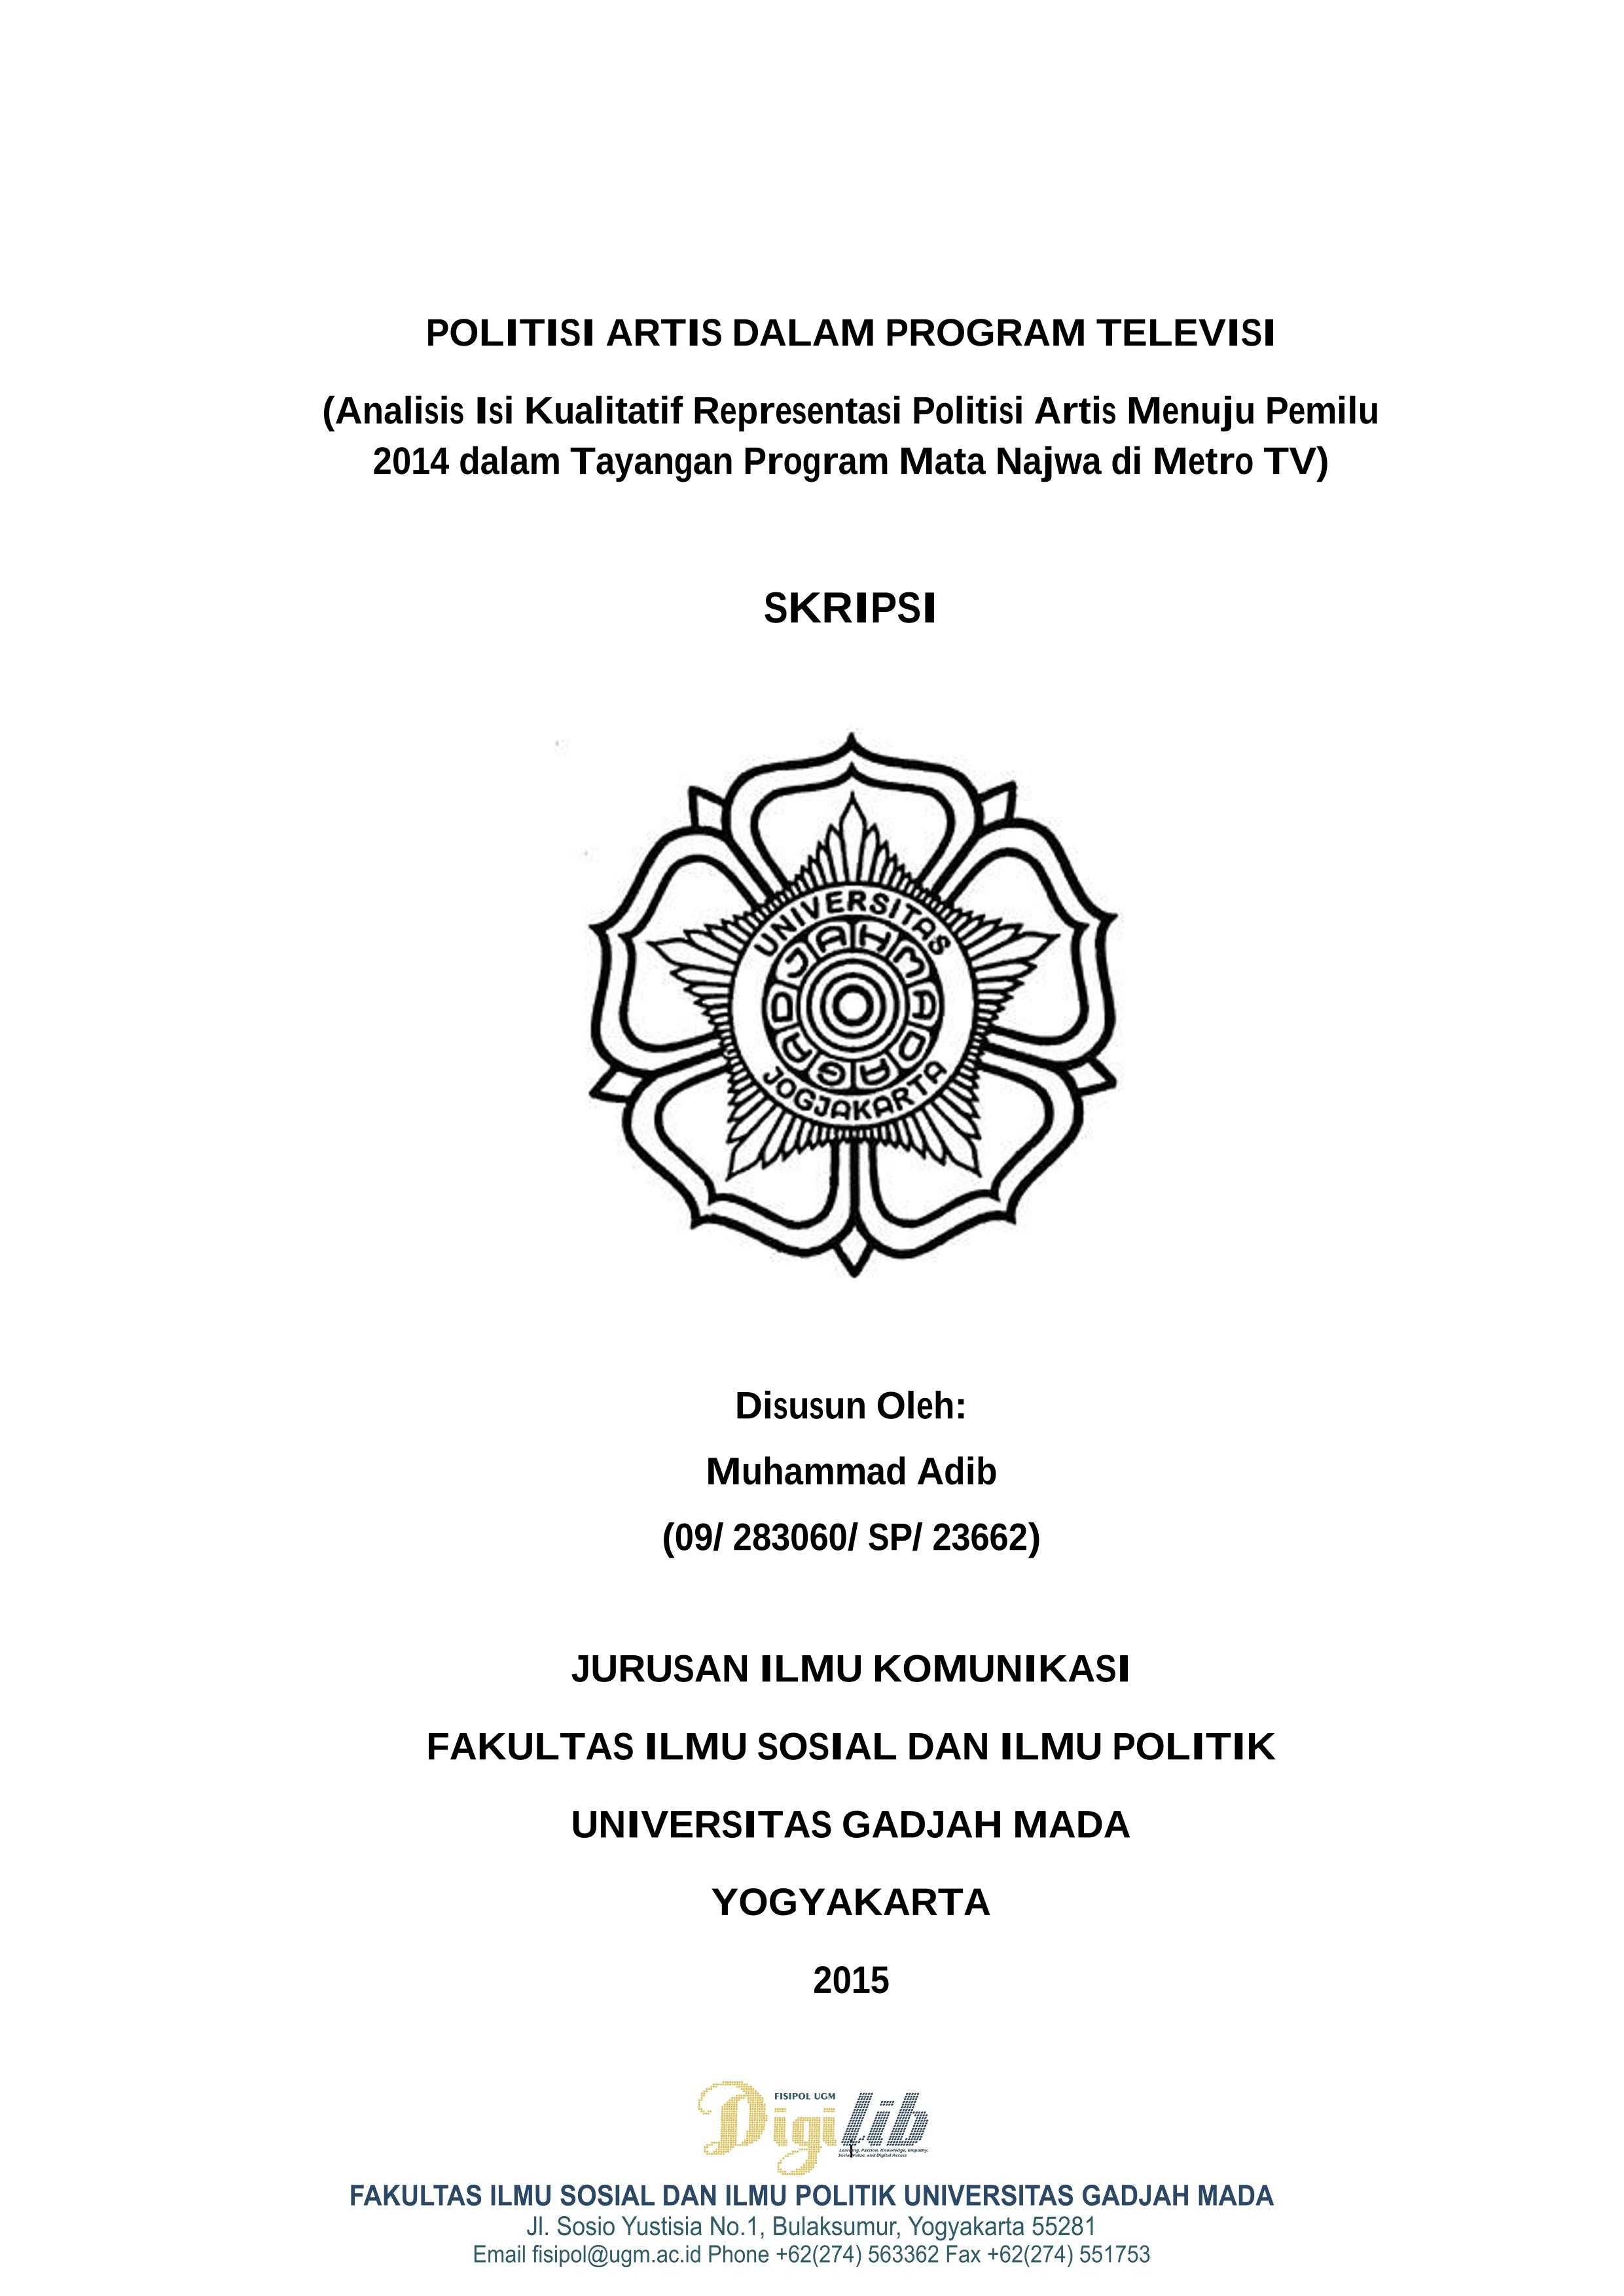 Digilib Fisipol Ugm Yogyakarta Indonesia Learning Passion Knowledge Empathy Social Value And Digital Access Politisi Artis Dalam Program Televisi Analisis Isi Kualitatif Representasi Politisi Artis Menuju Pemilu 2014 Dalam Tayangan Program